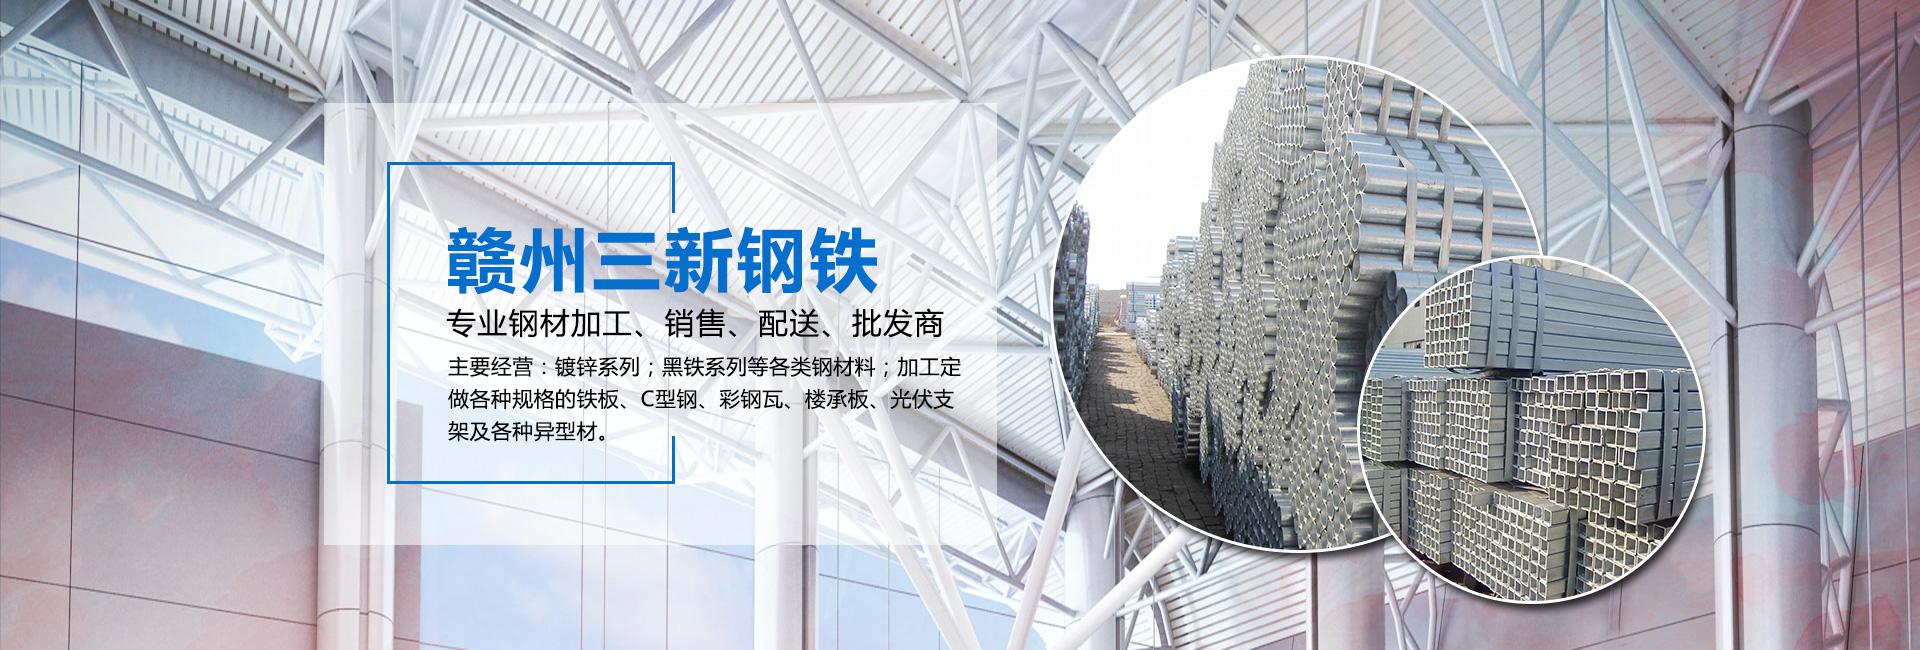 赣州钢结构